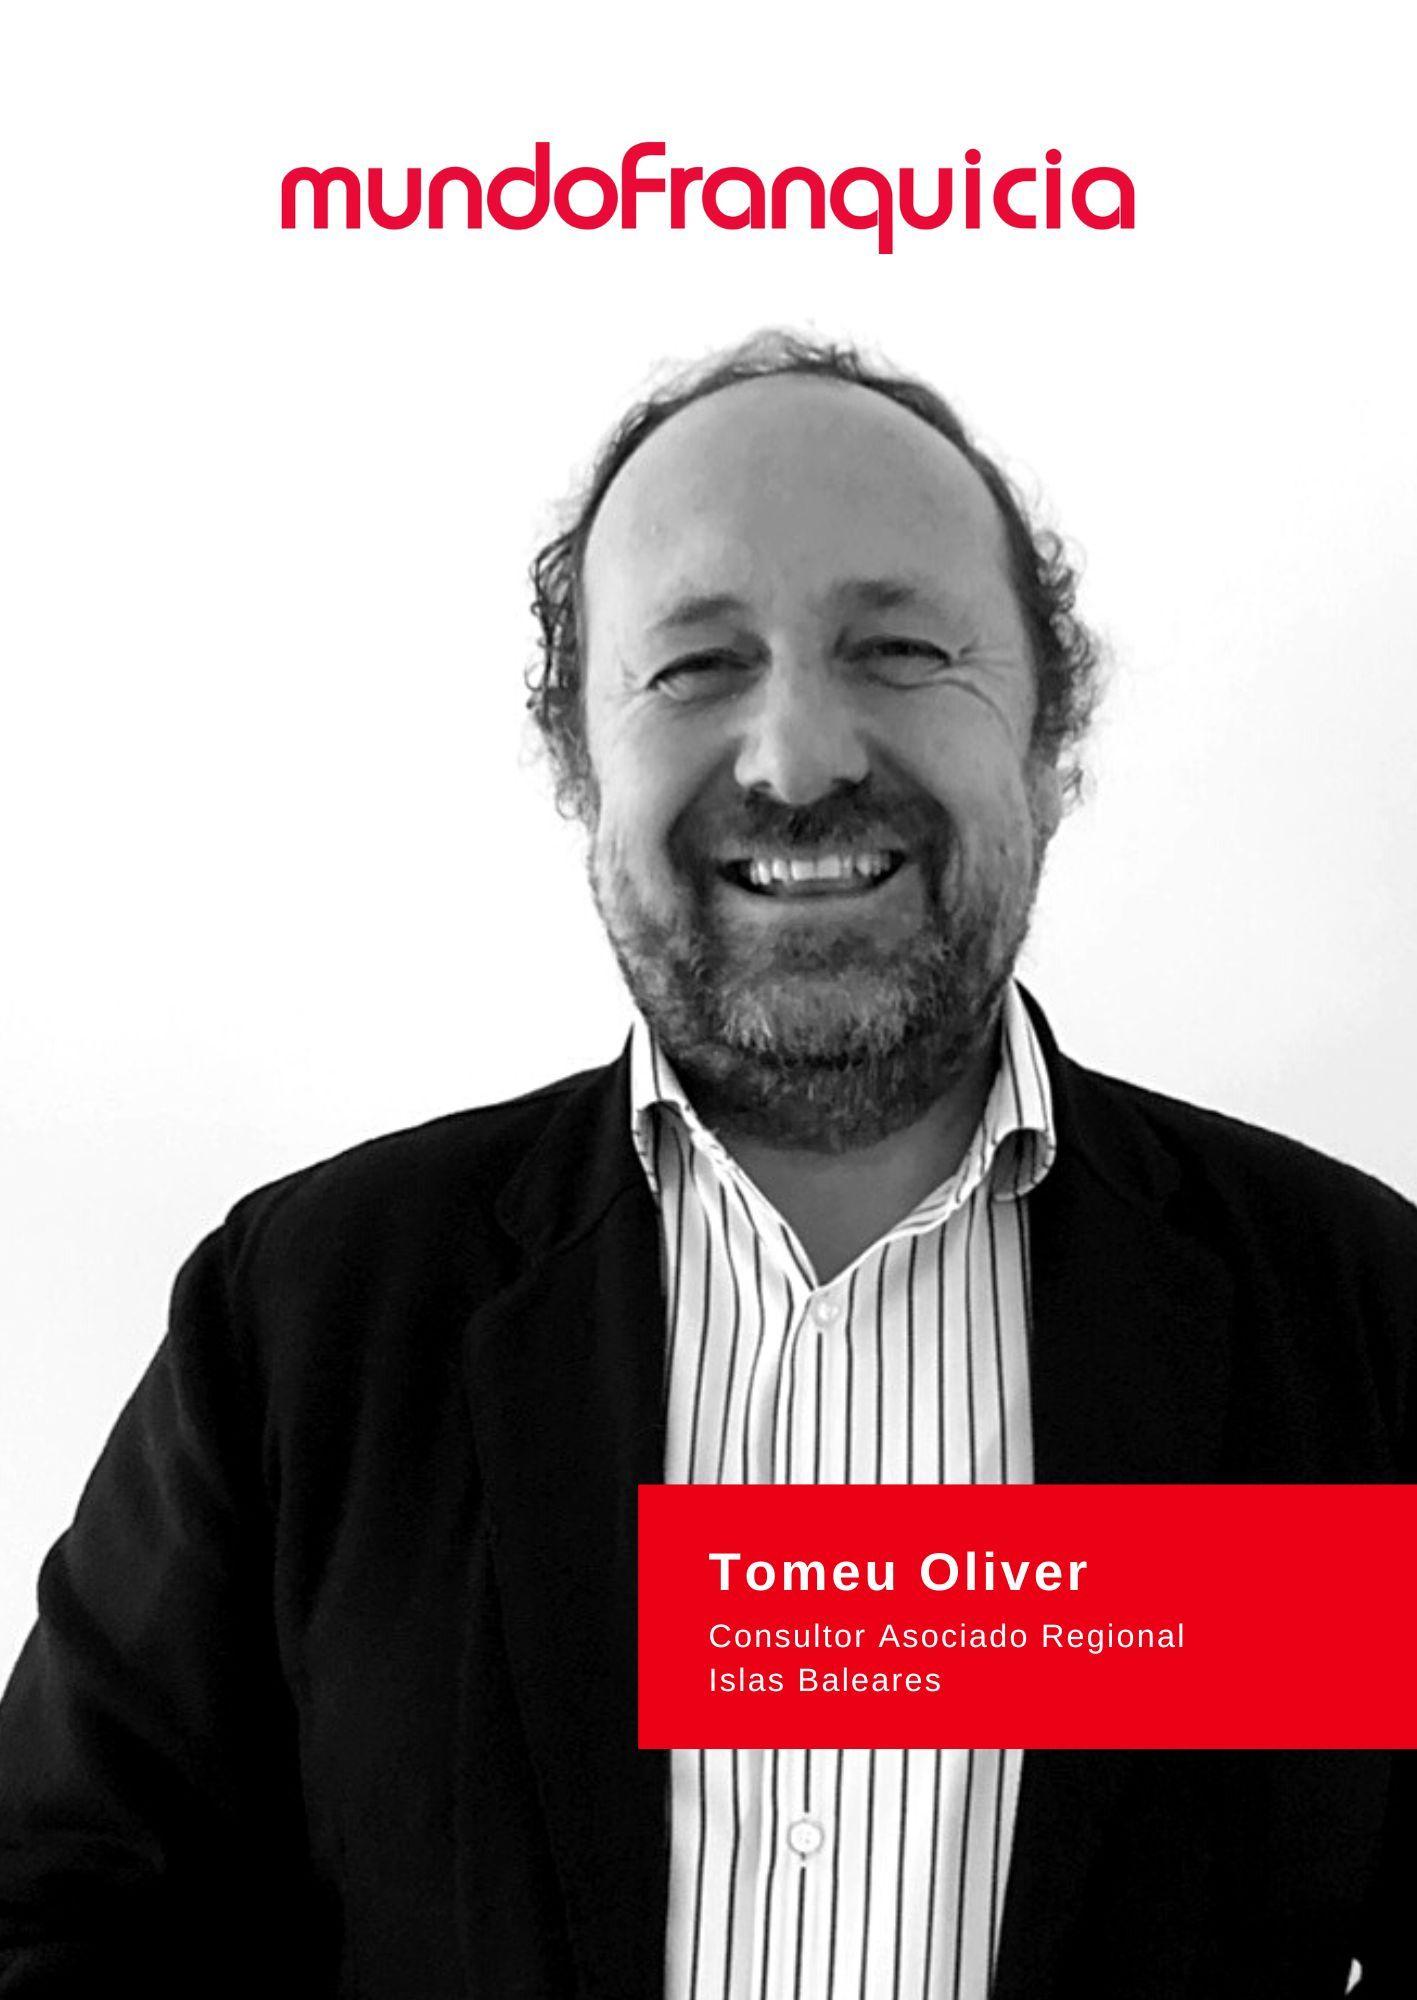 Tomeu Oliver